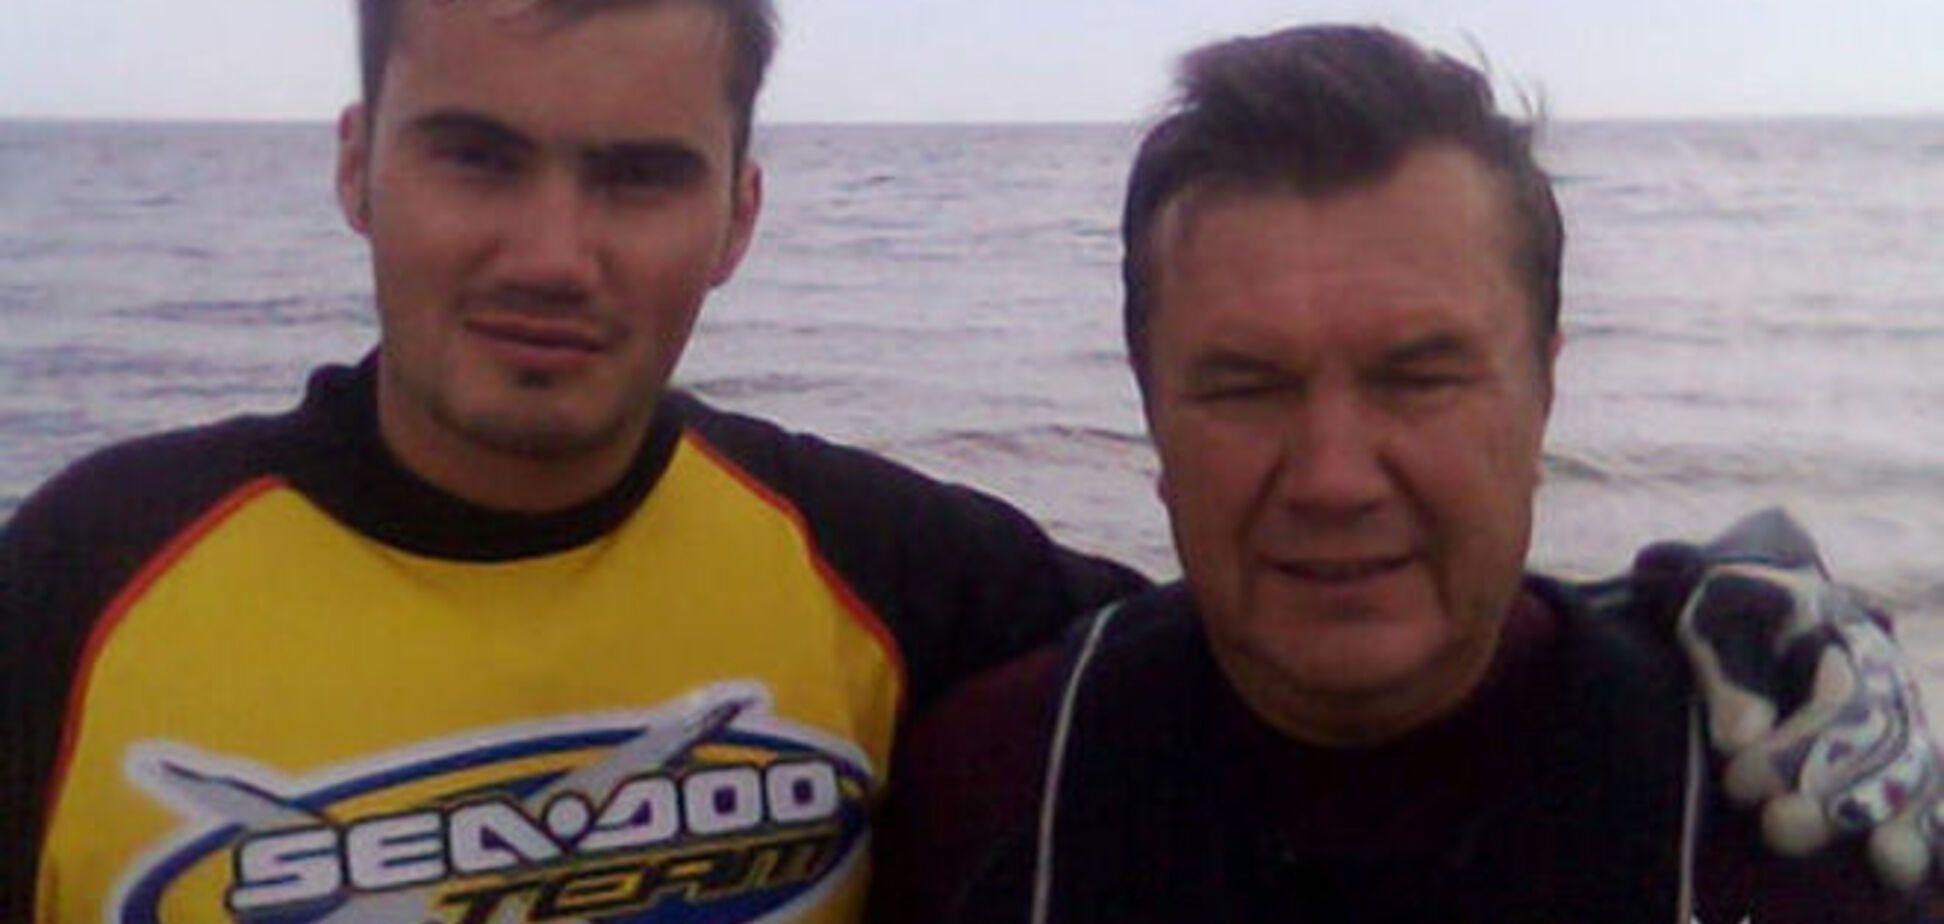 Янукович присутствовал на похоронах сына в Севастополе - СМИ